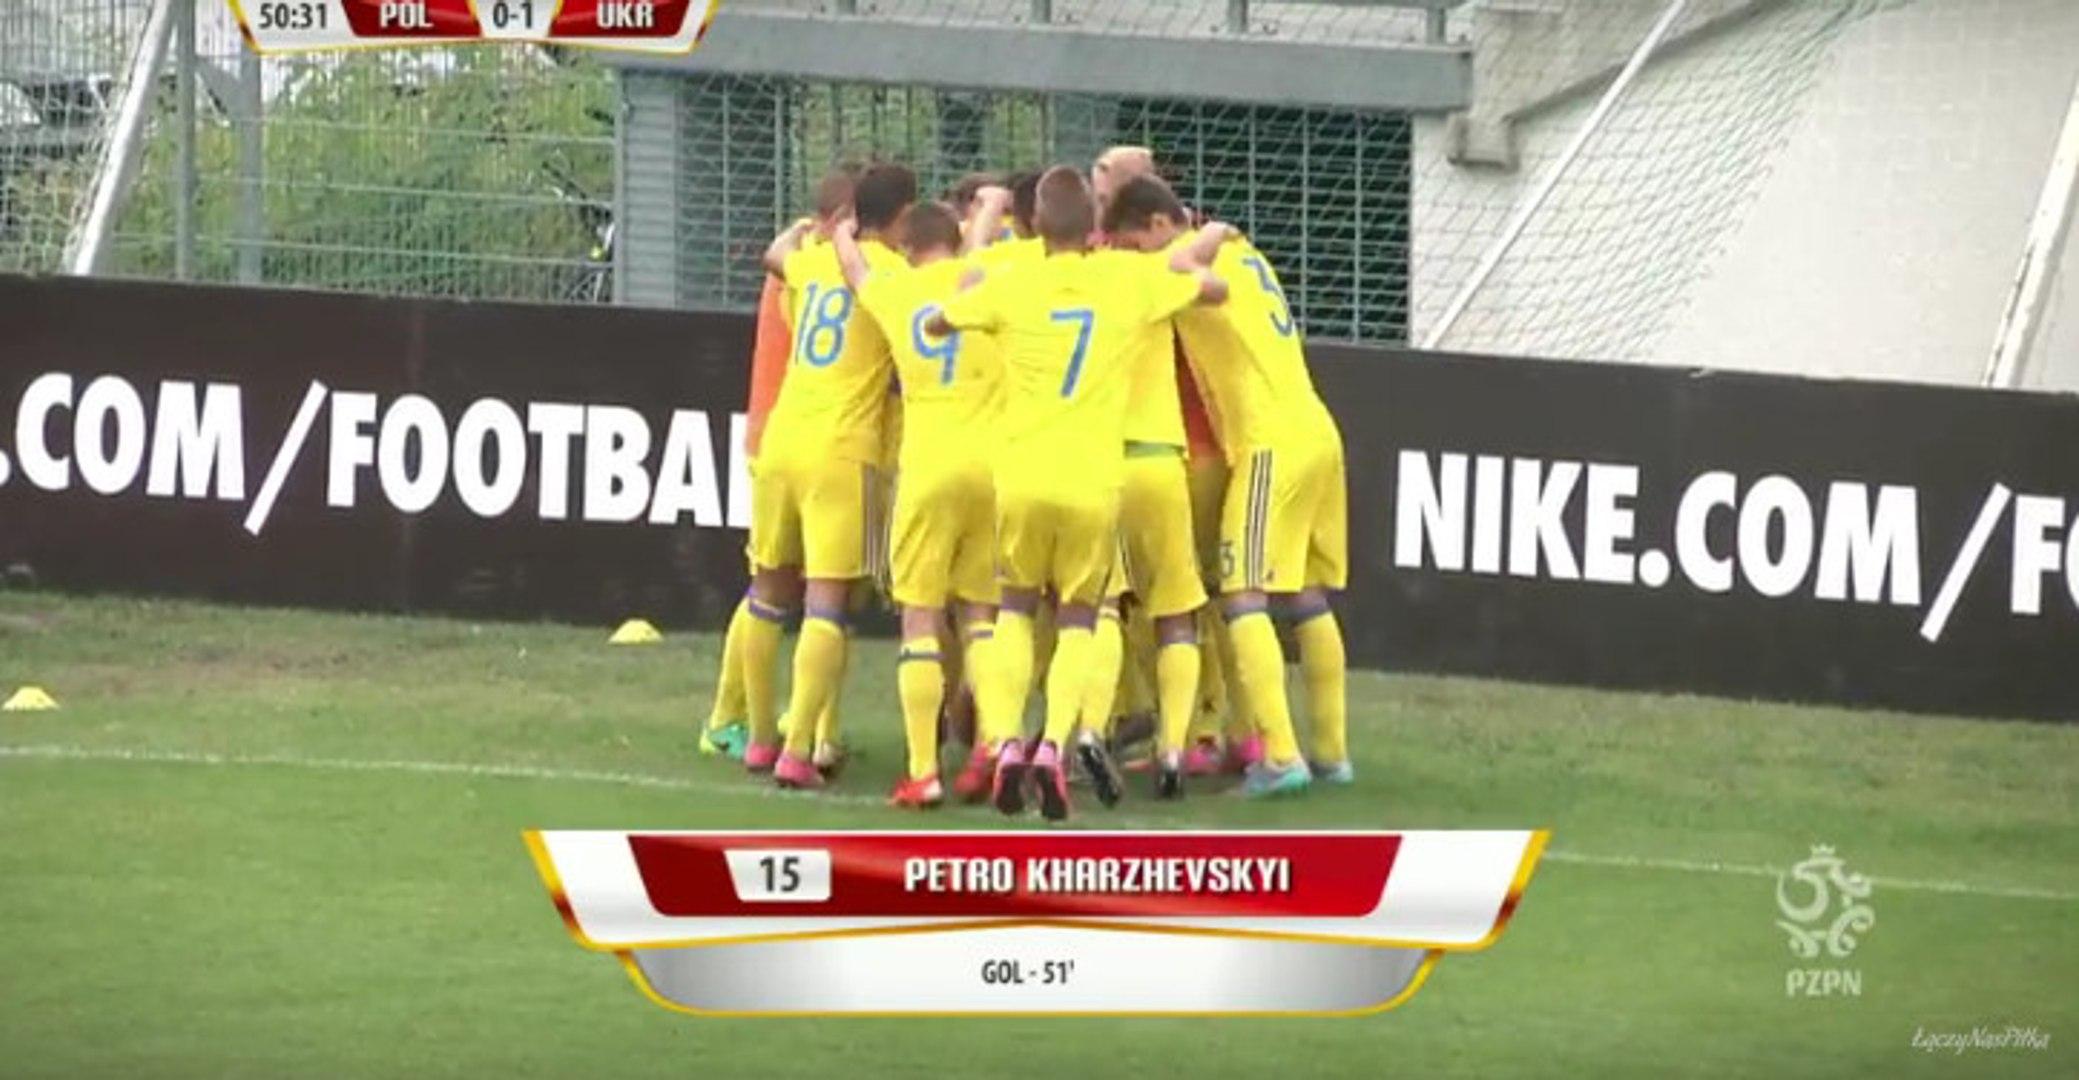 Polska - Poland 2-1 Ukraine - (Under 17) - All Goals (03/09/2016)